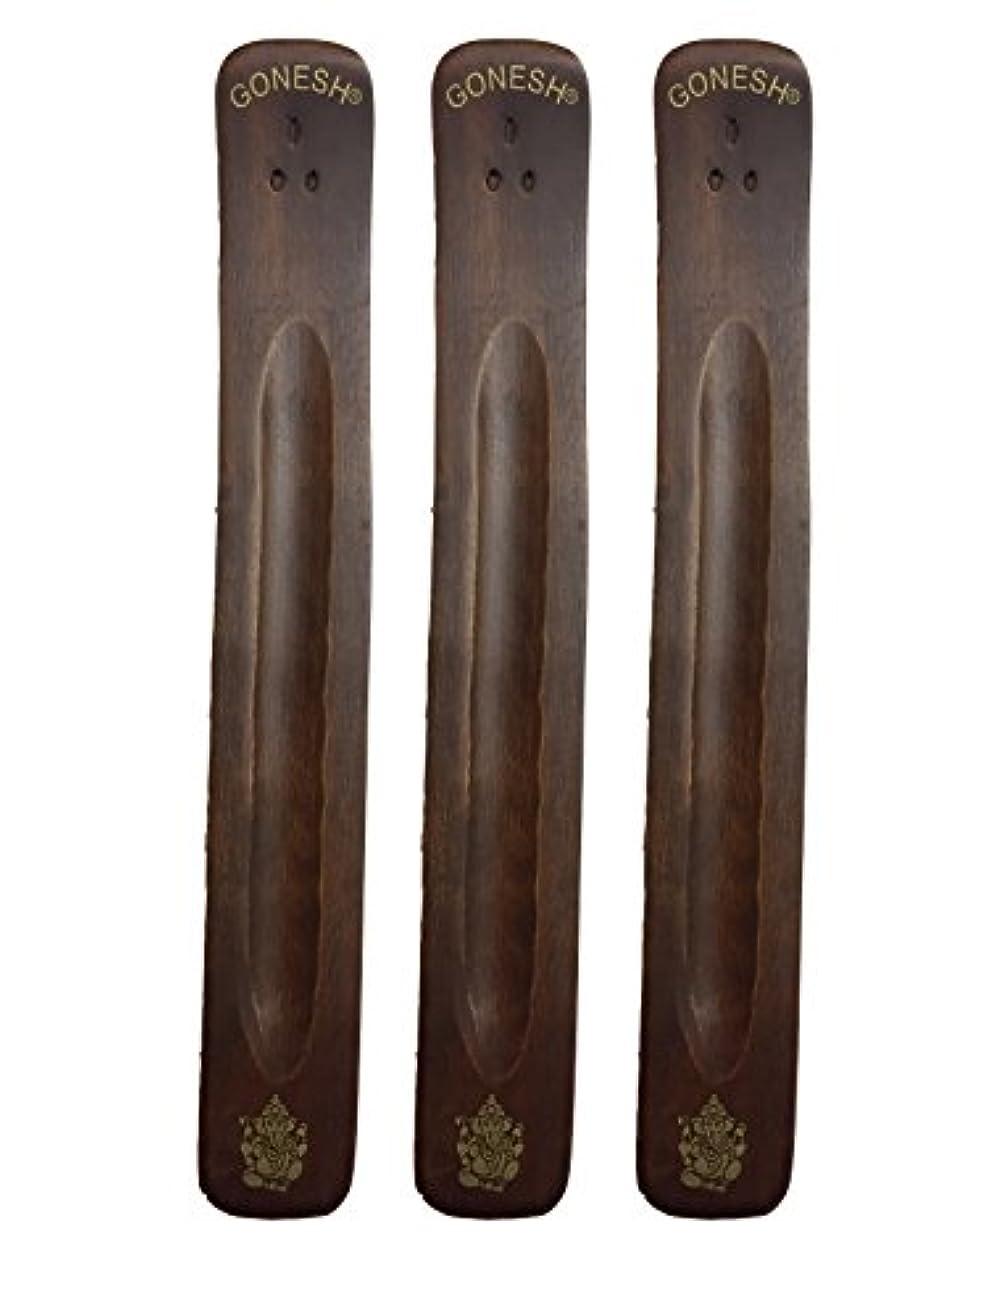 シリンダー発行インク3パックGonesh Incense Burner ~ Traditional Incense Holder with Inlaidデザイン~約11インチ、のさまざまなデザイン